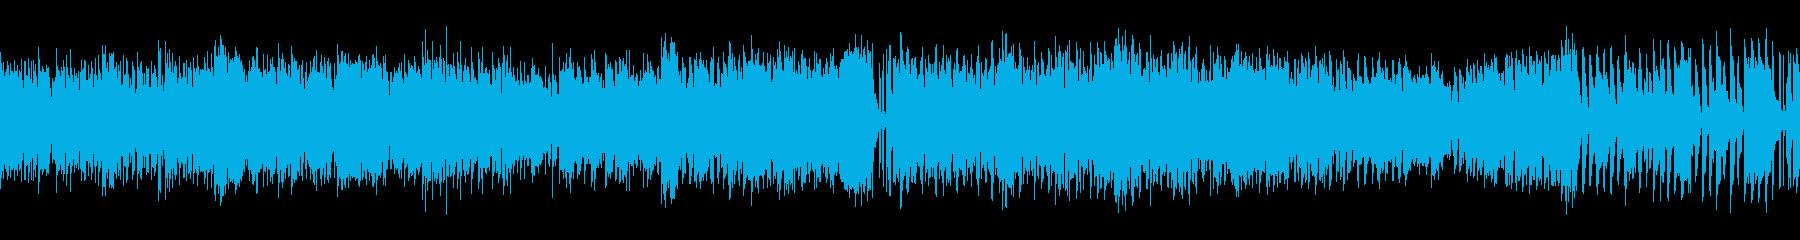 スマホゲー、ミニゲーム等に合うループ曲の再生済みの波形